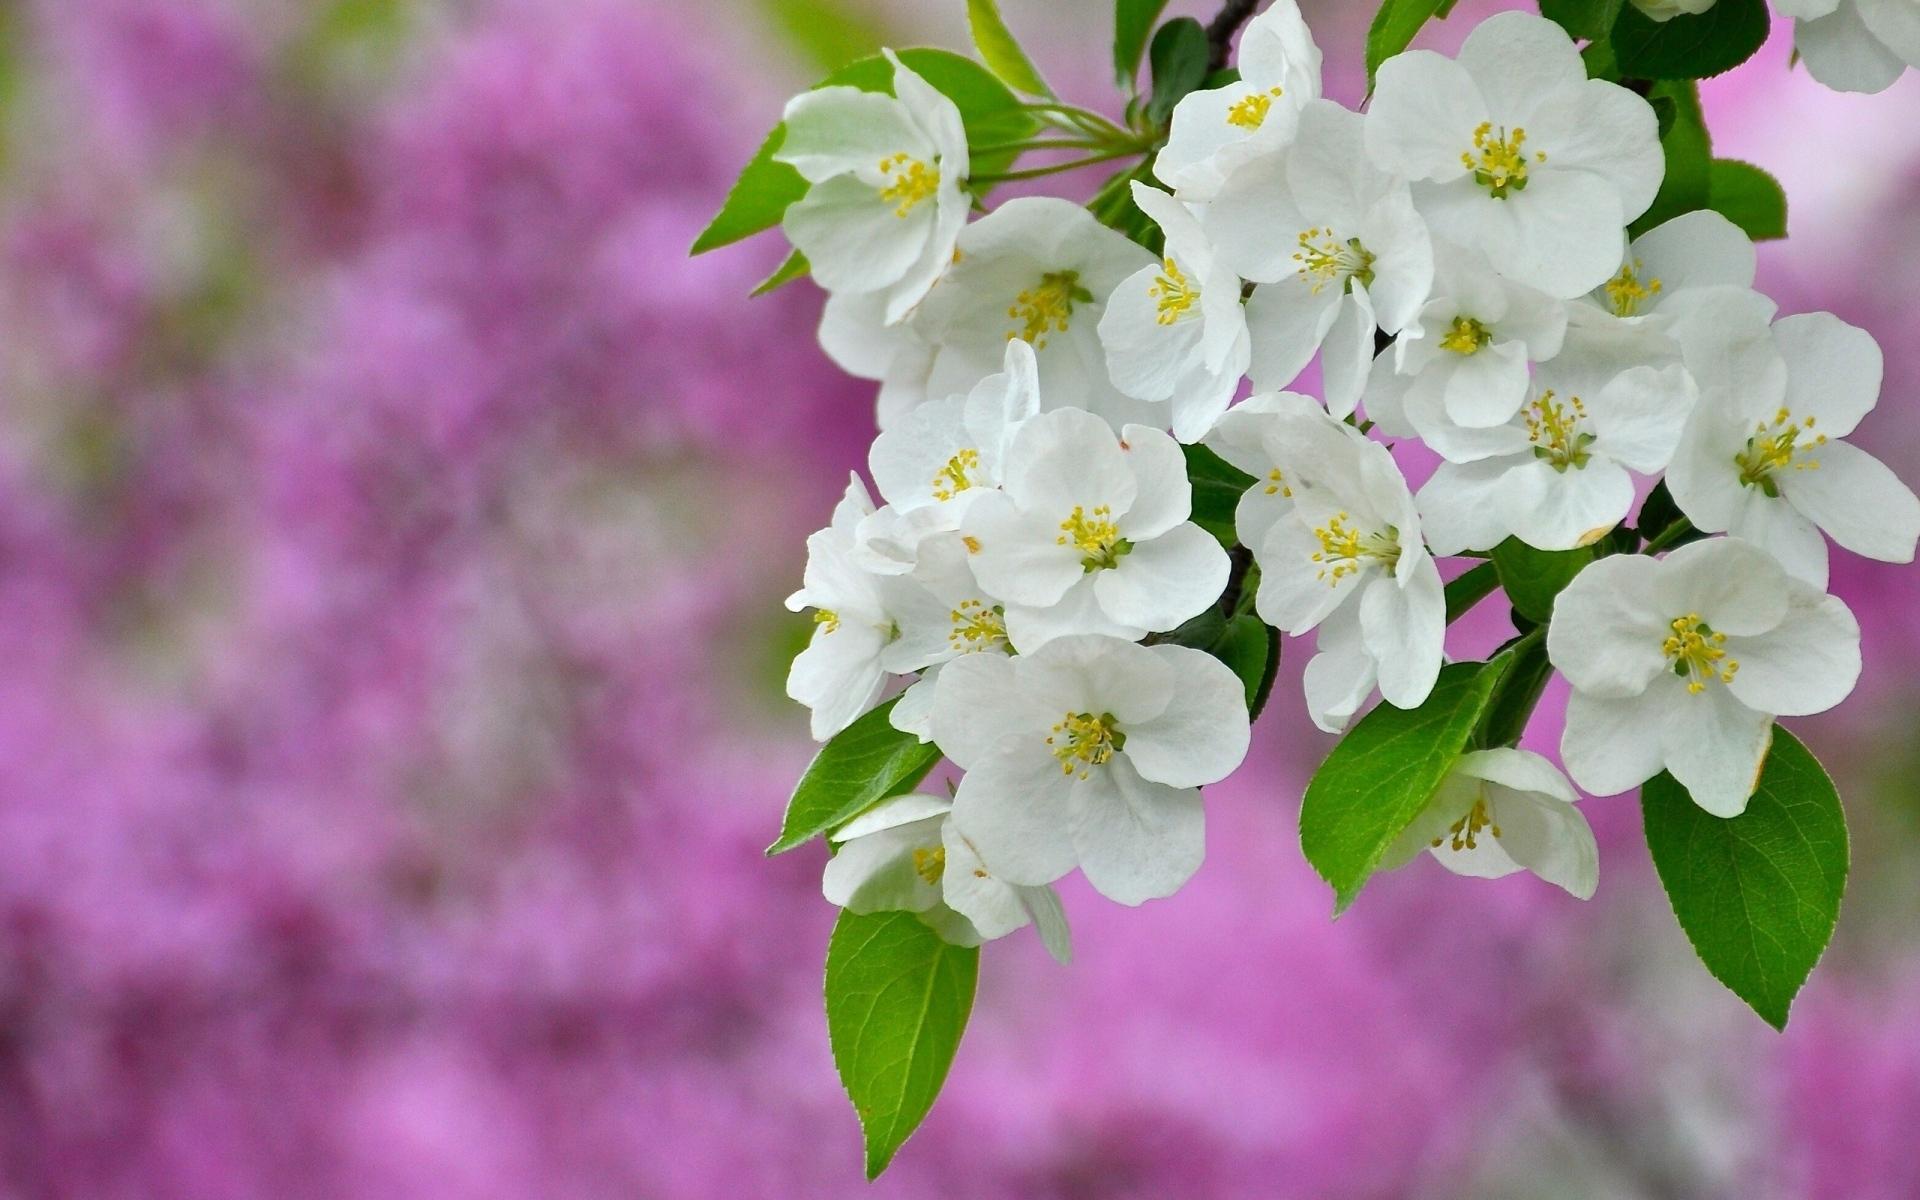 Картинки Цветы, цветение, растение фото и обои на рабочий стол